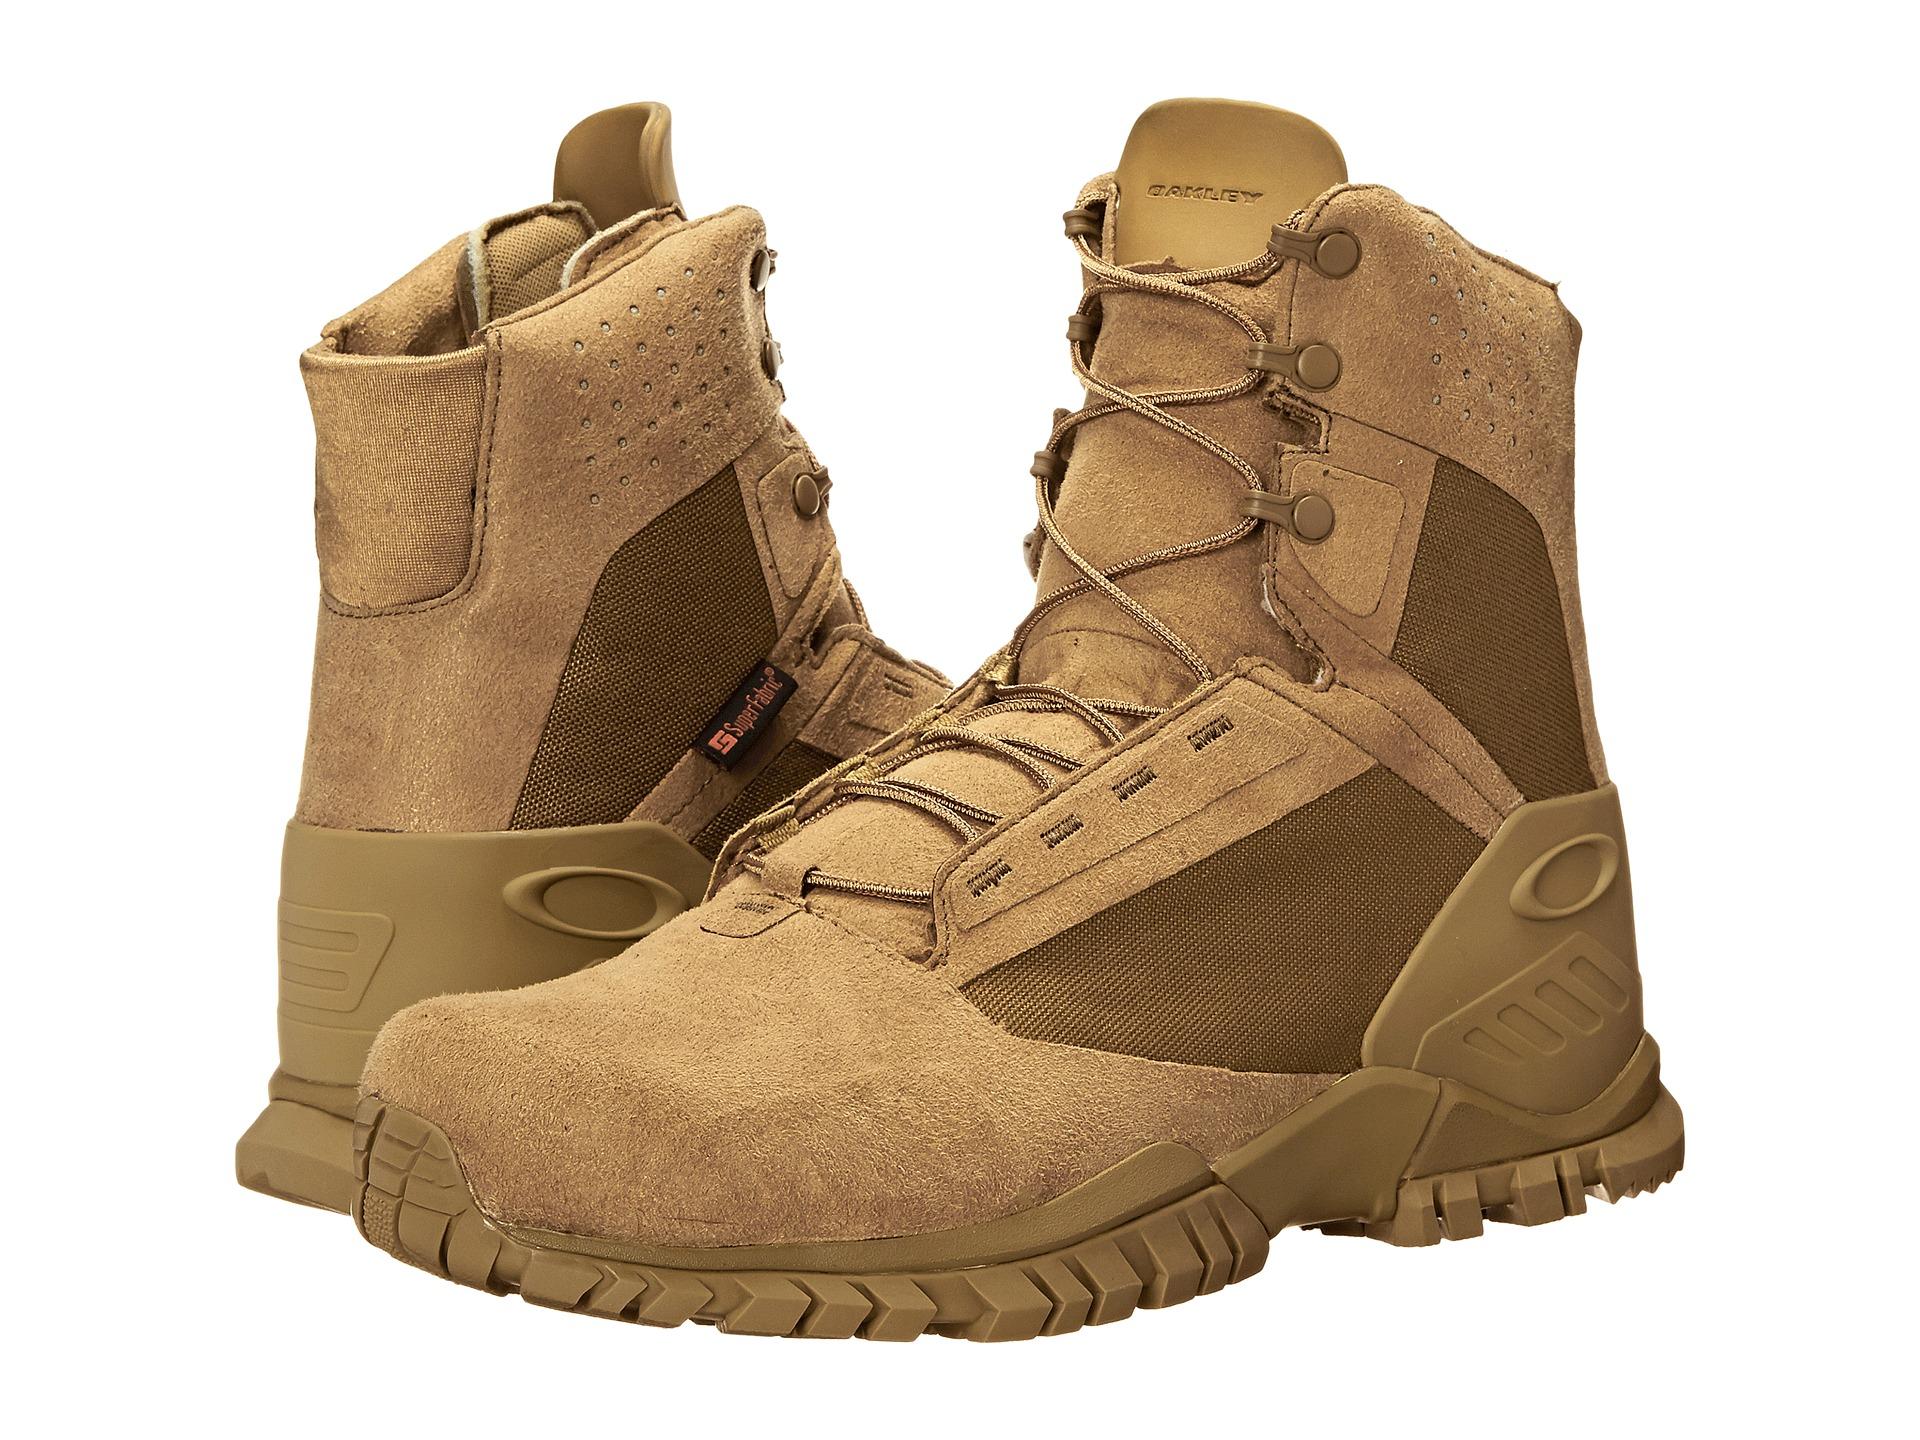 oakley si assault boot 6